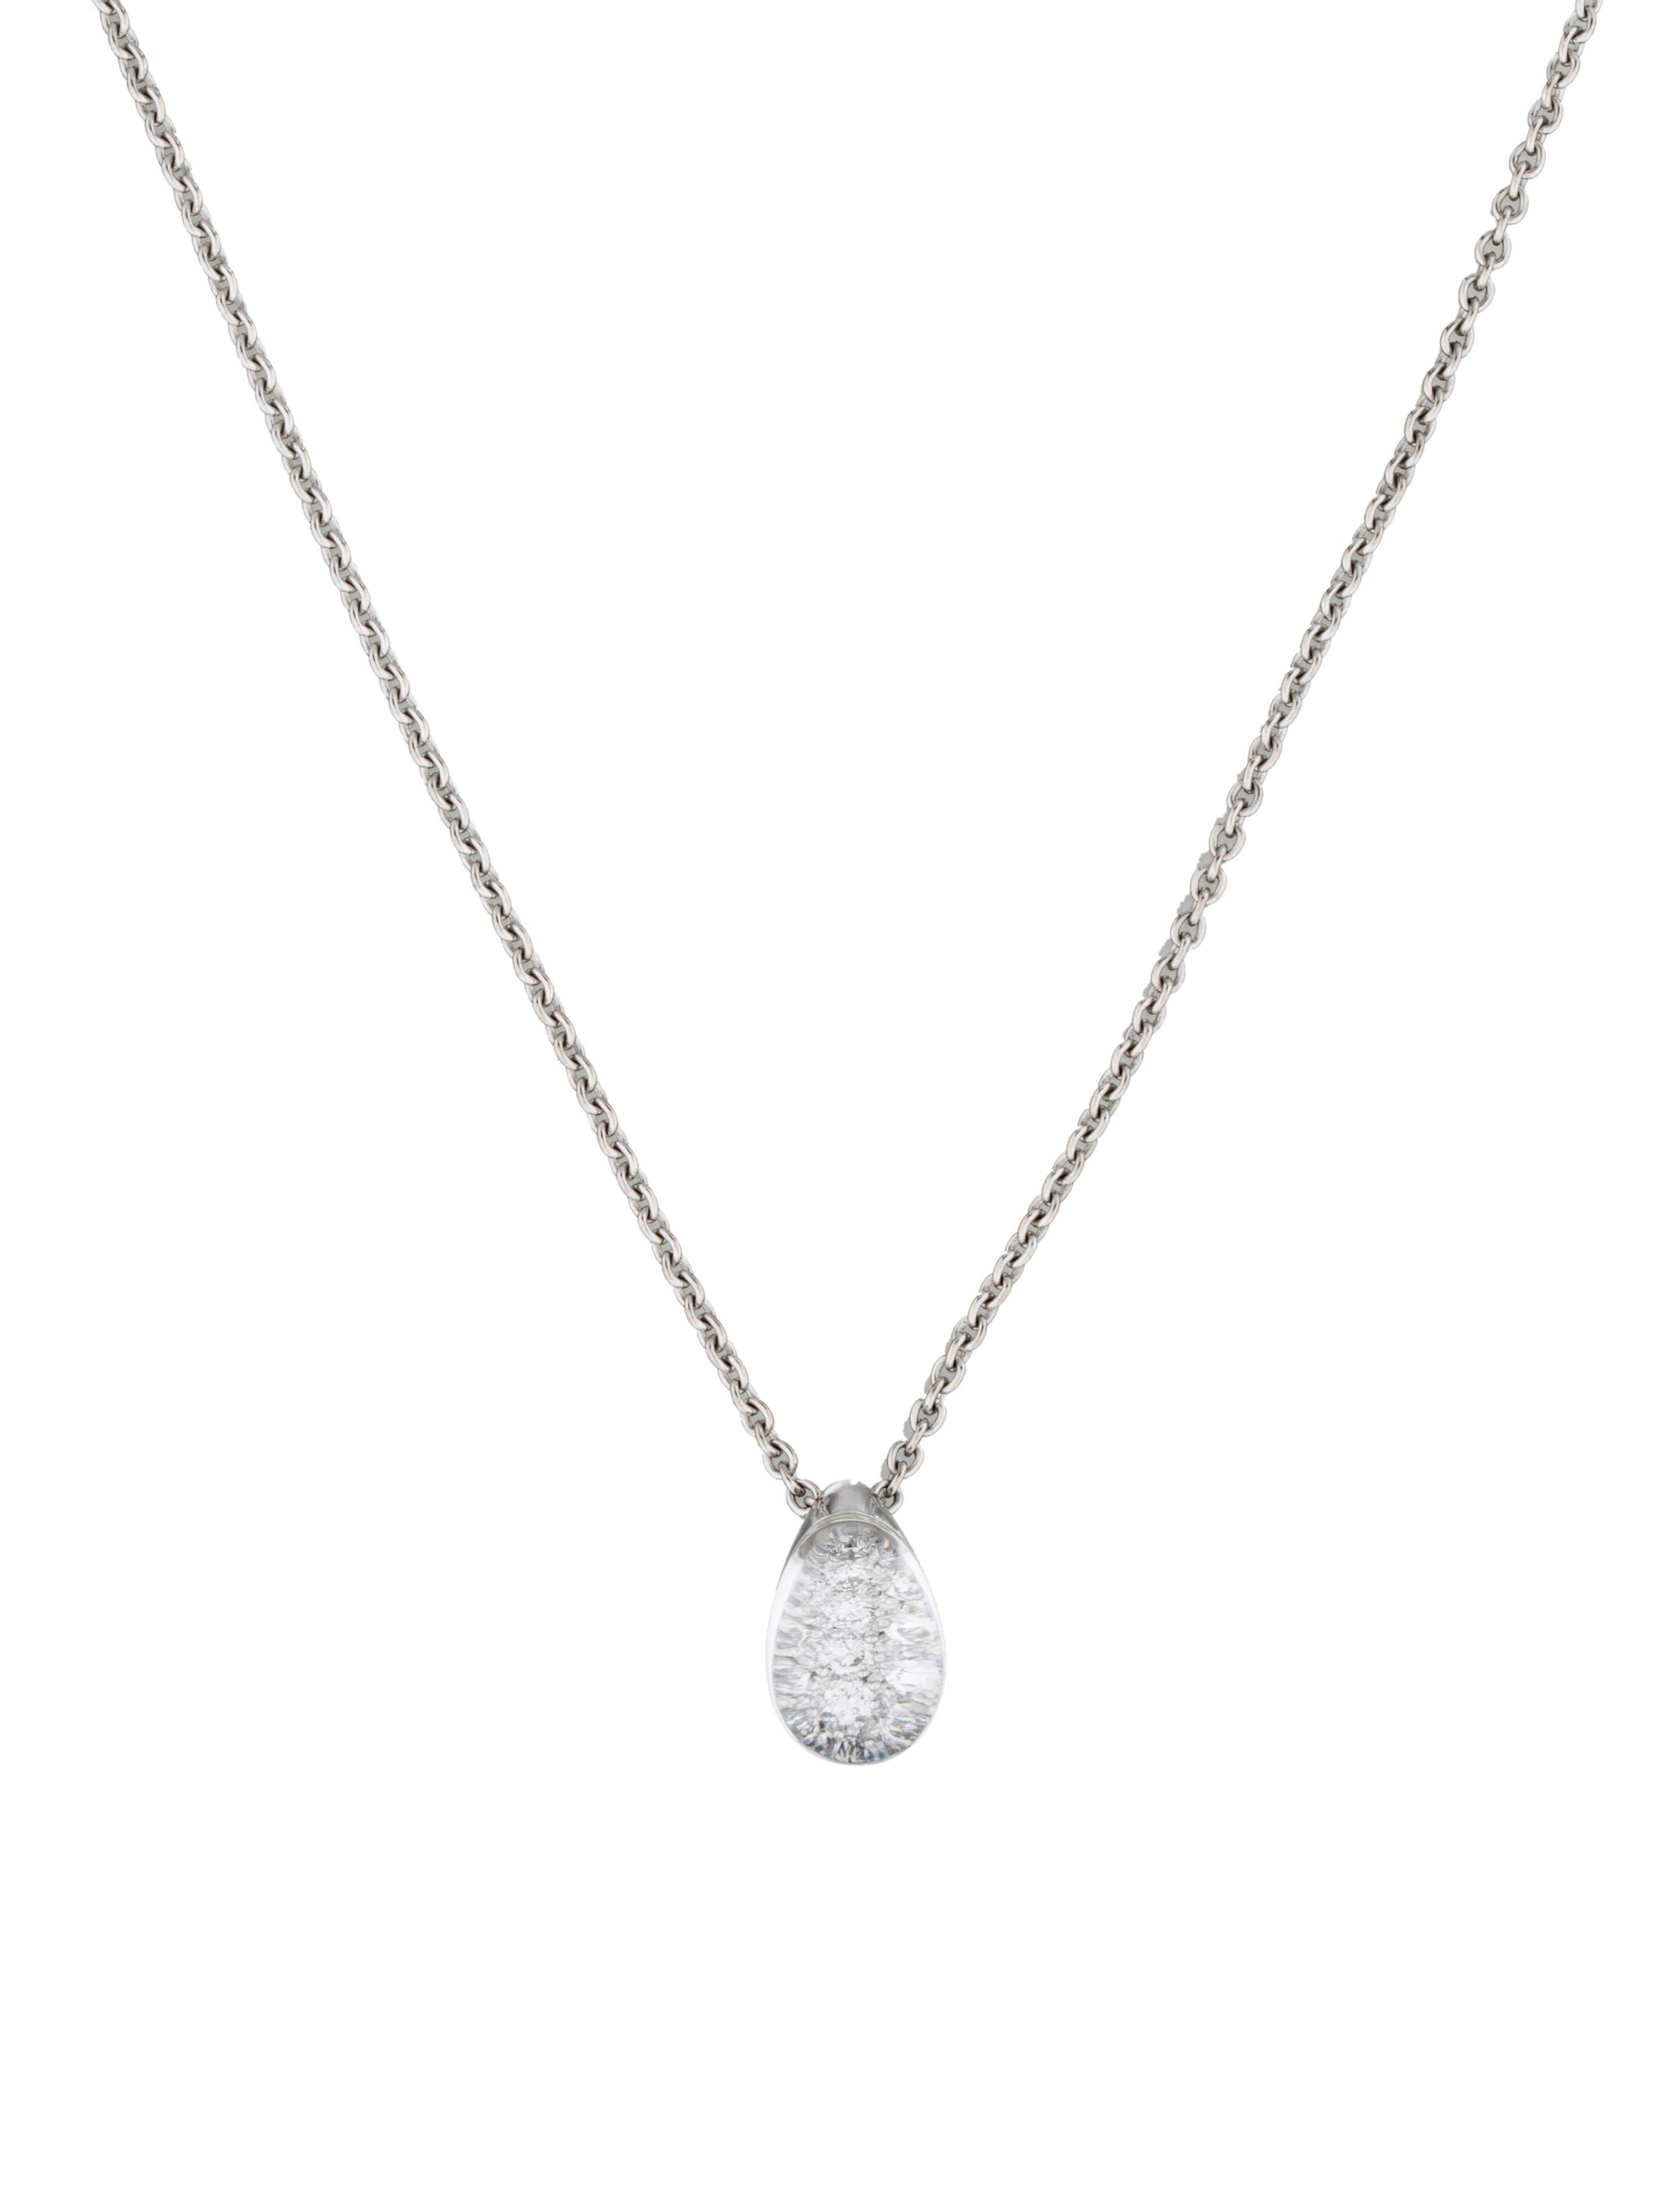 Cartier myst de cartier diamond pendant necklace necklaces myst de cartier diamond pendant necklace mozeypictures Images